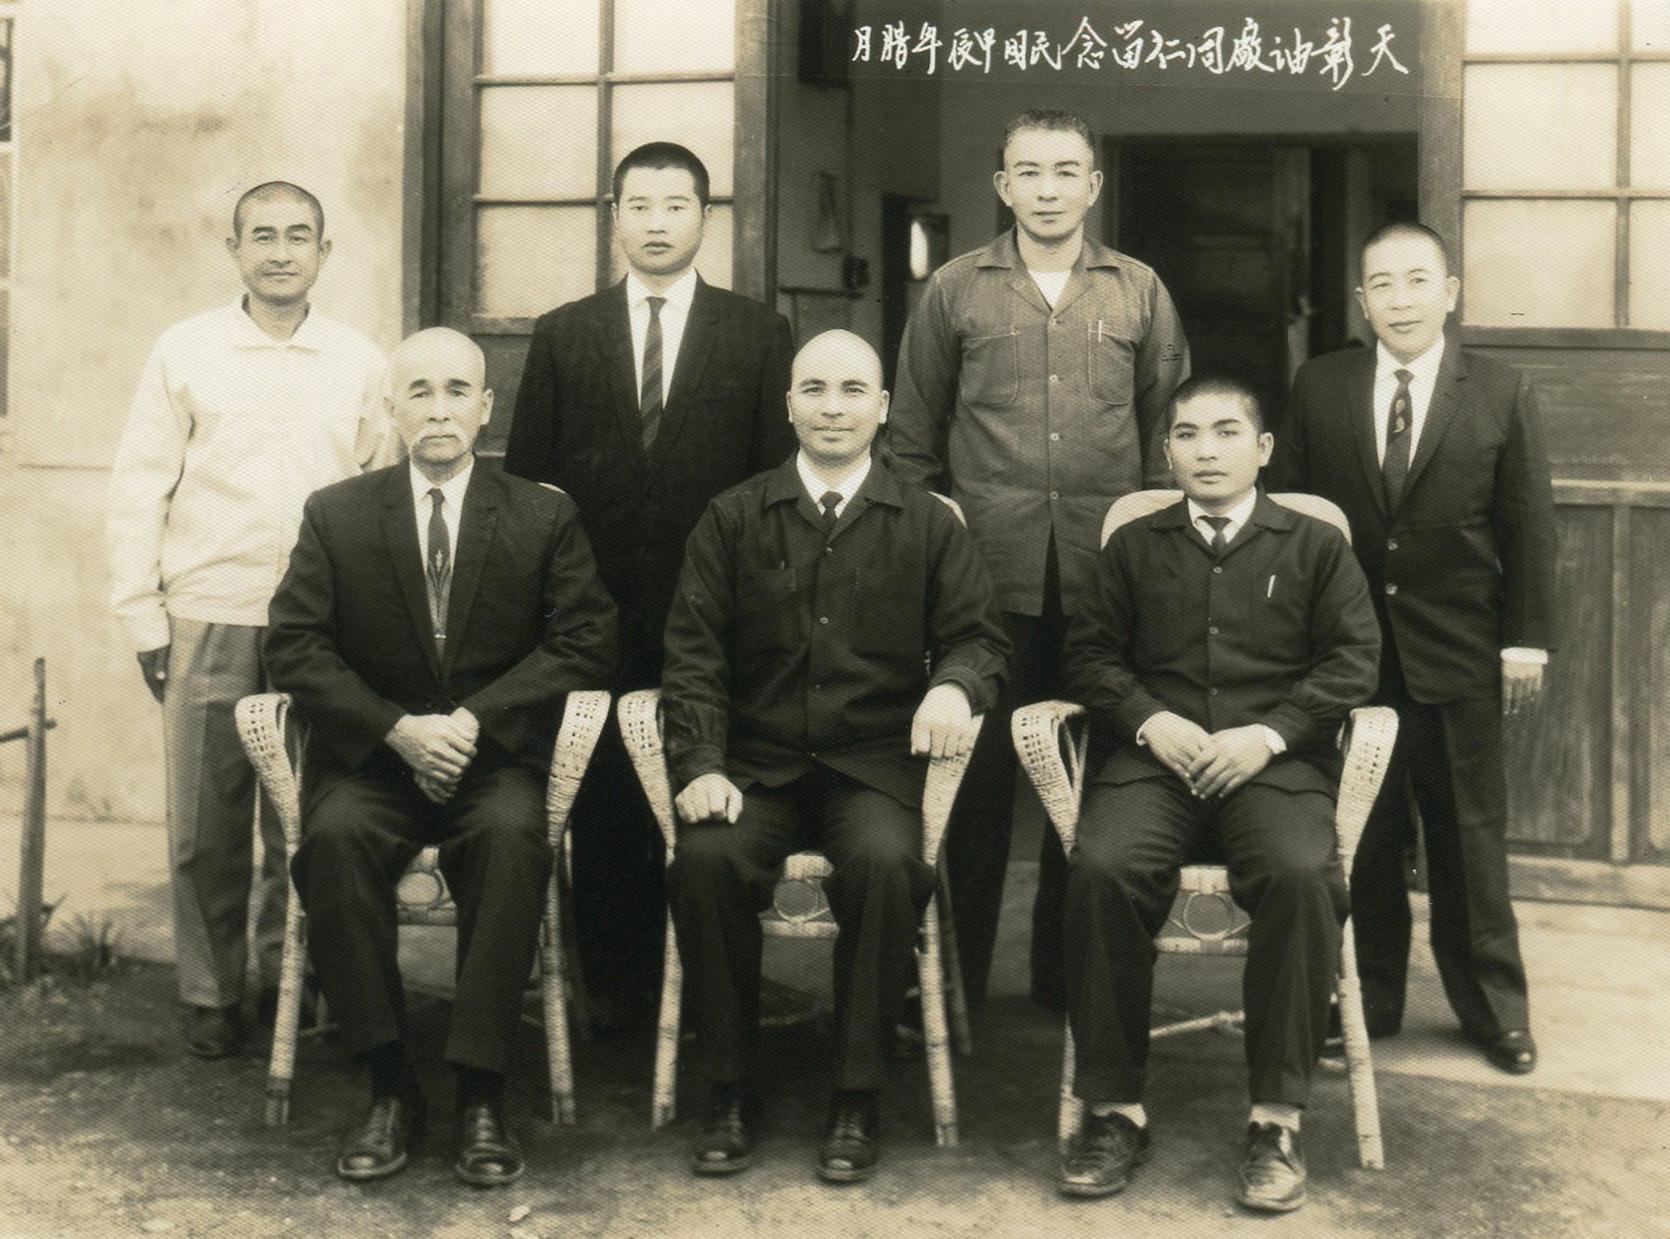 後排最左方為陳翻江總點傳師,最右方為孫總點傳師。